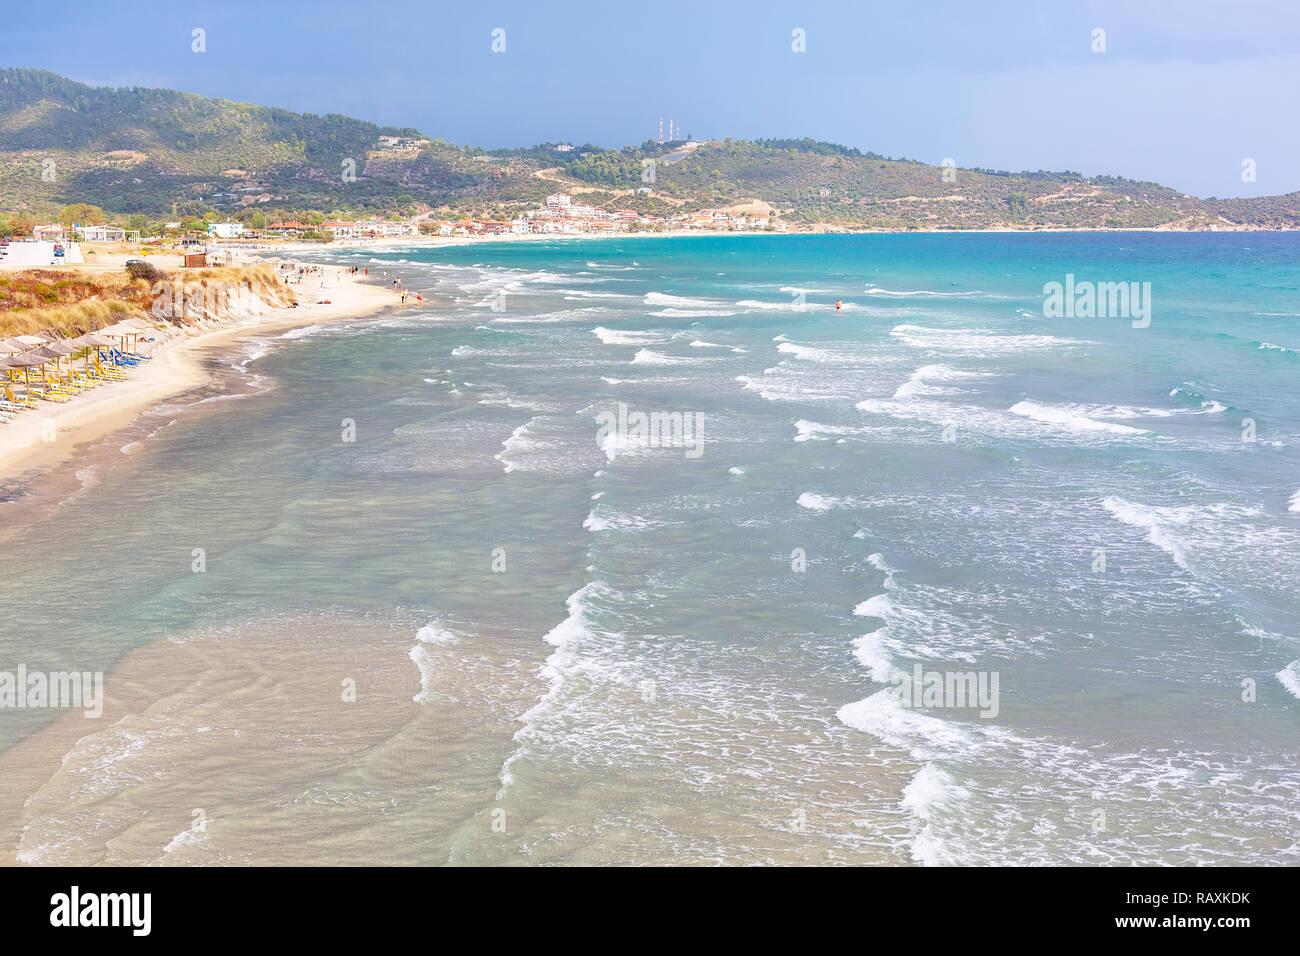 Free Download Sfondo Con Mare E Spiaggia Sfondo